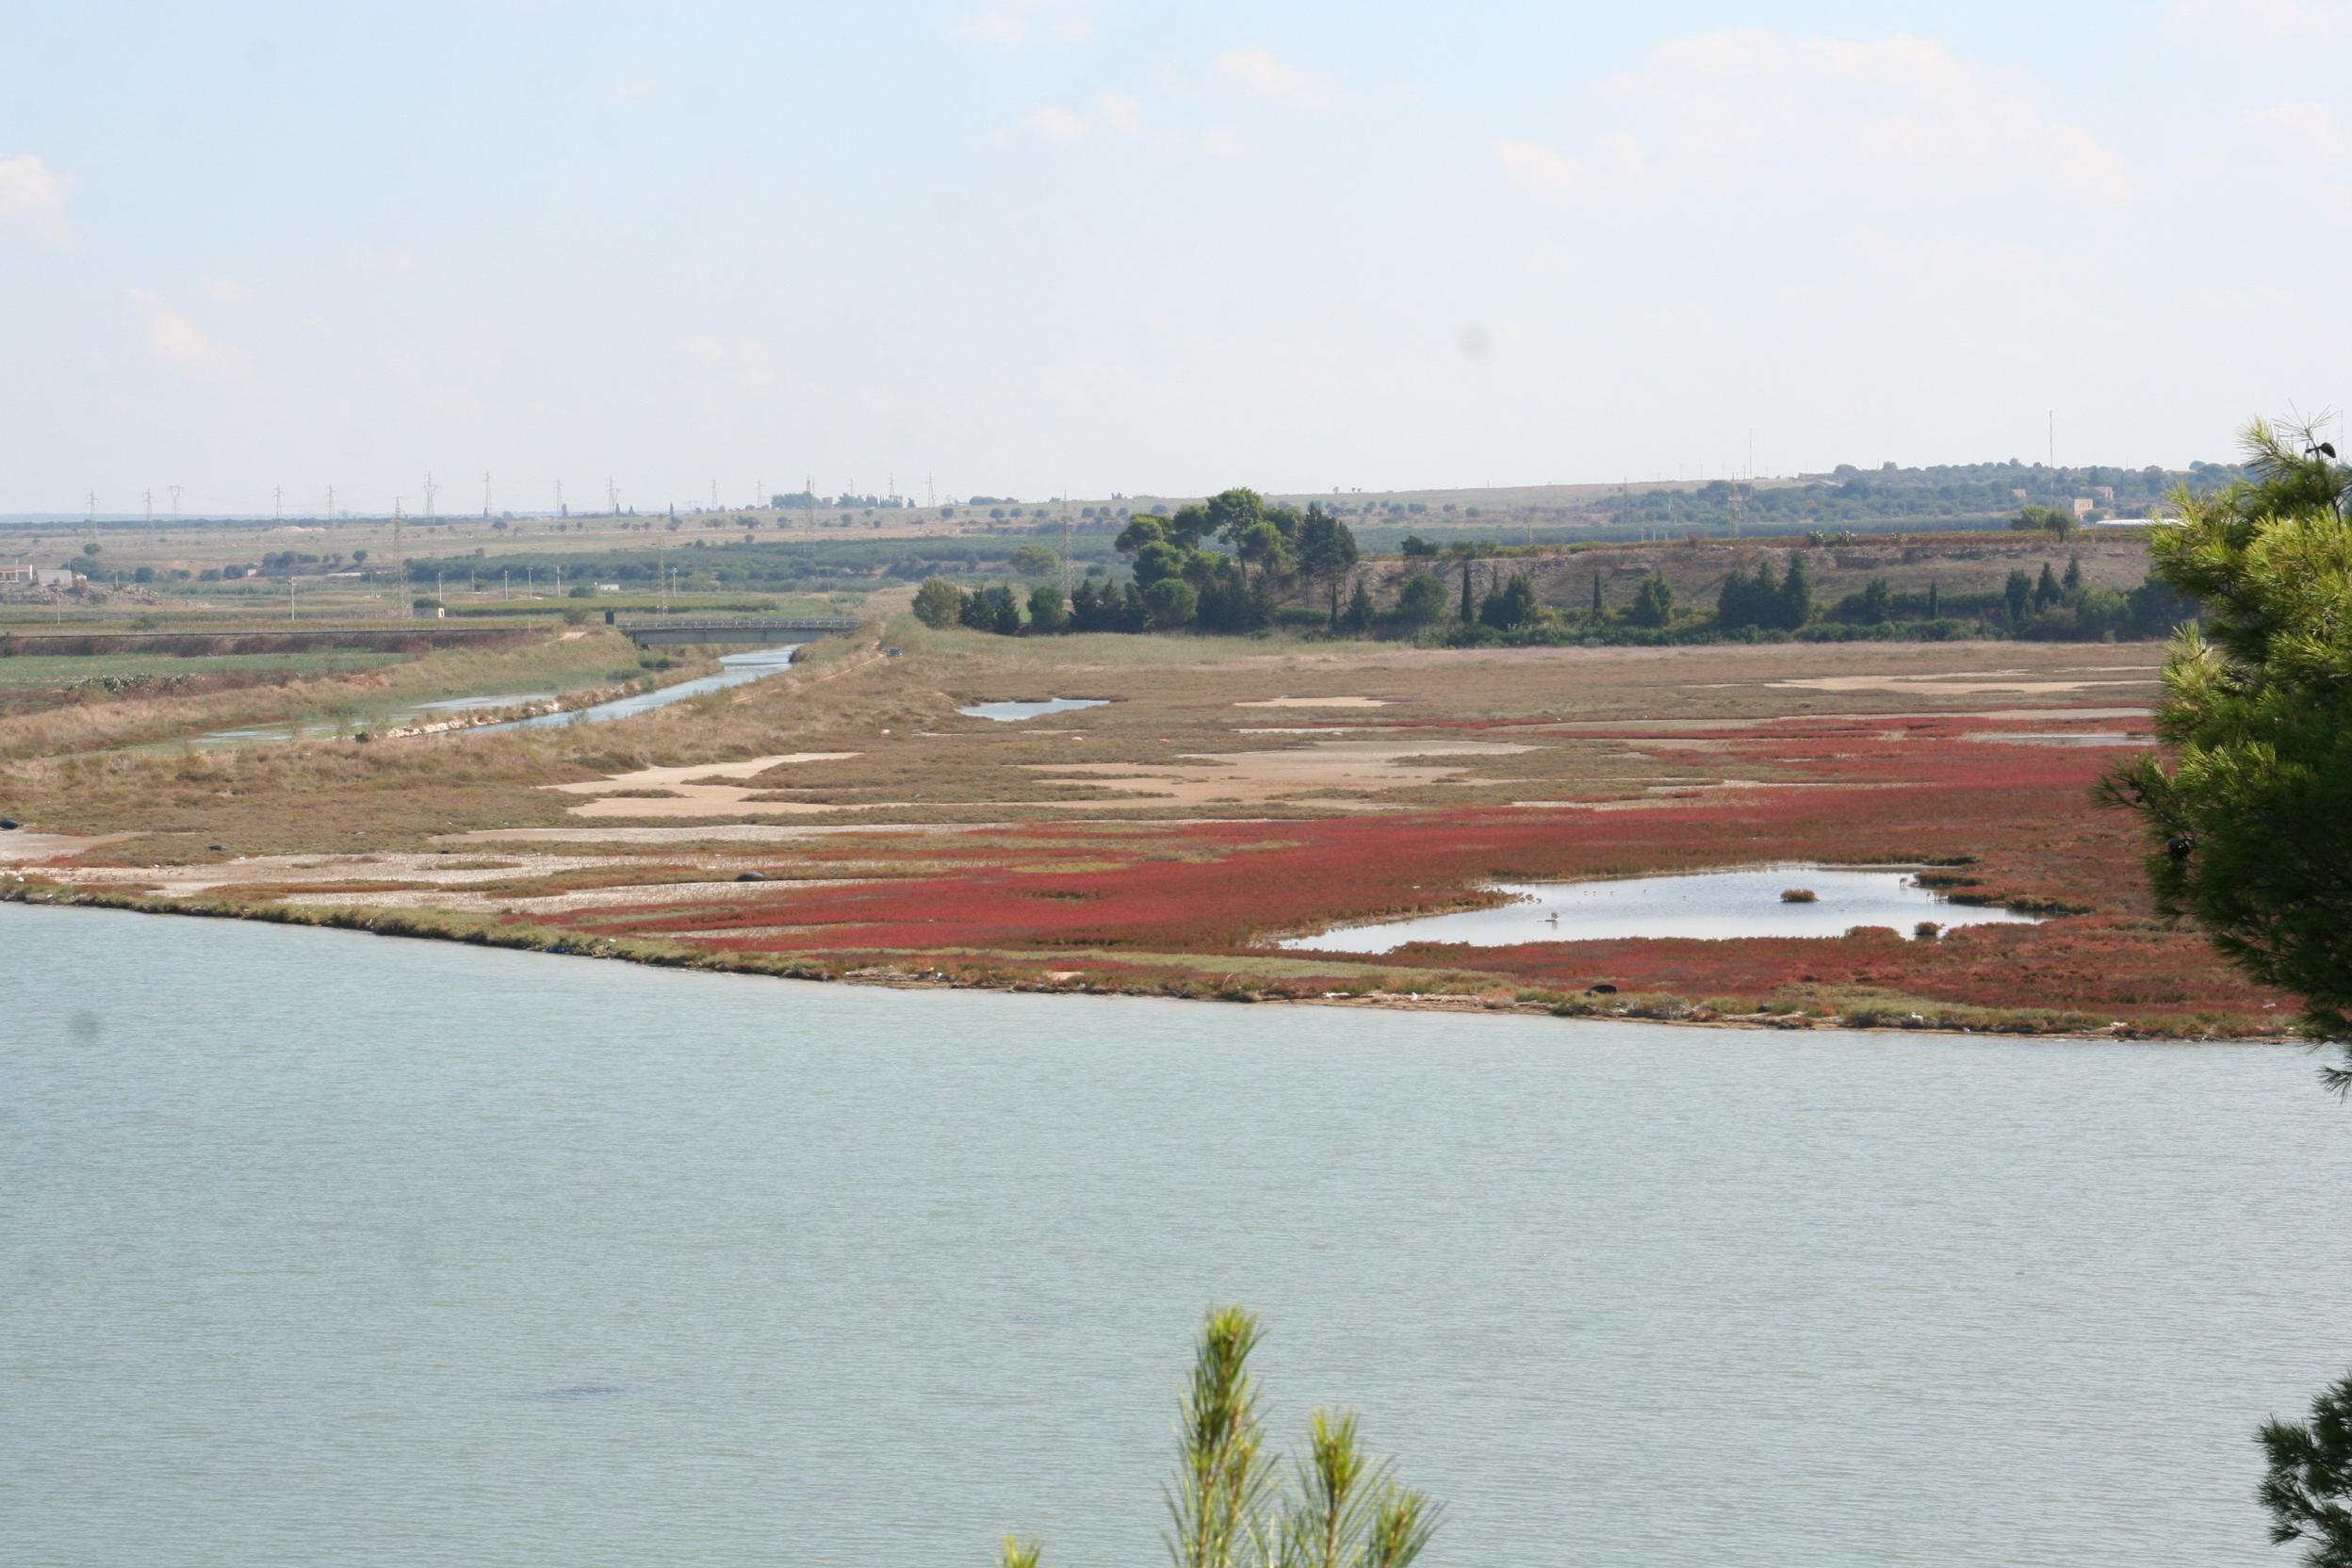 Le aree Umide della Palude La vela e il delta del sistema fluviale  D'Aiedda - Leverano D'Aquino nel secondo seno del Mar Piccolo a Taranto